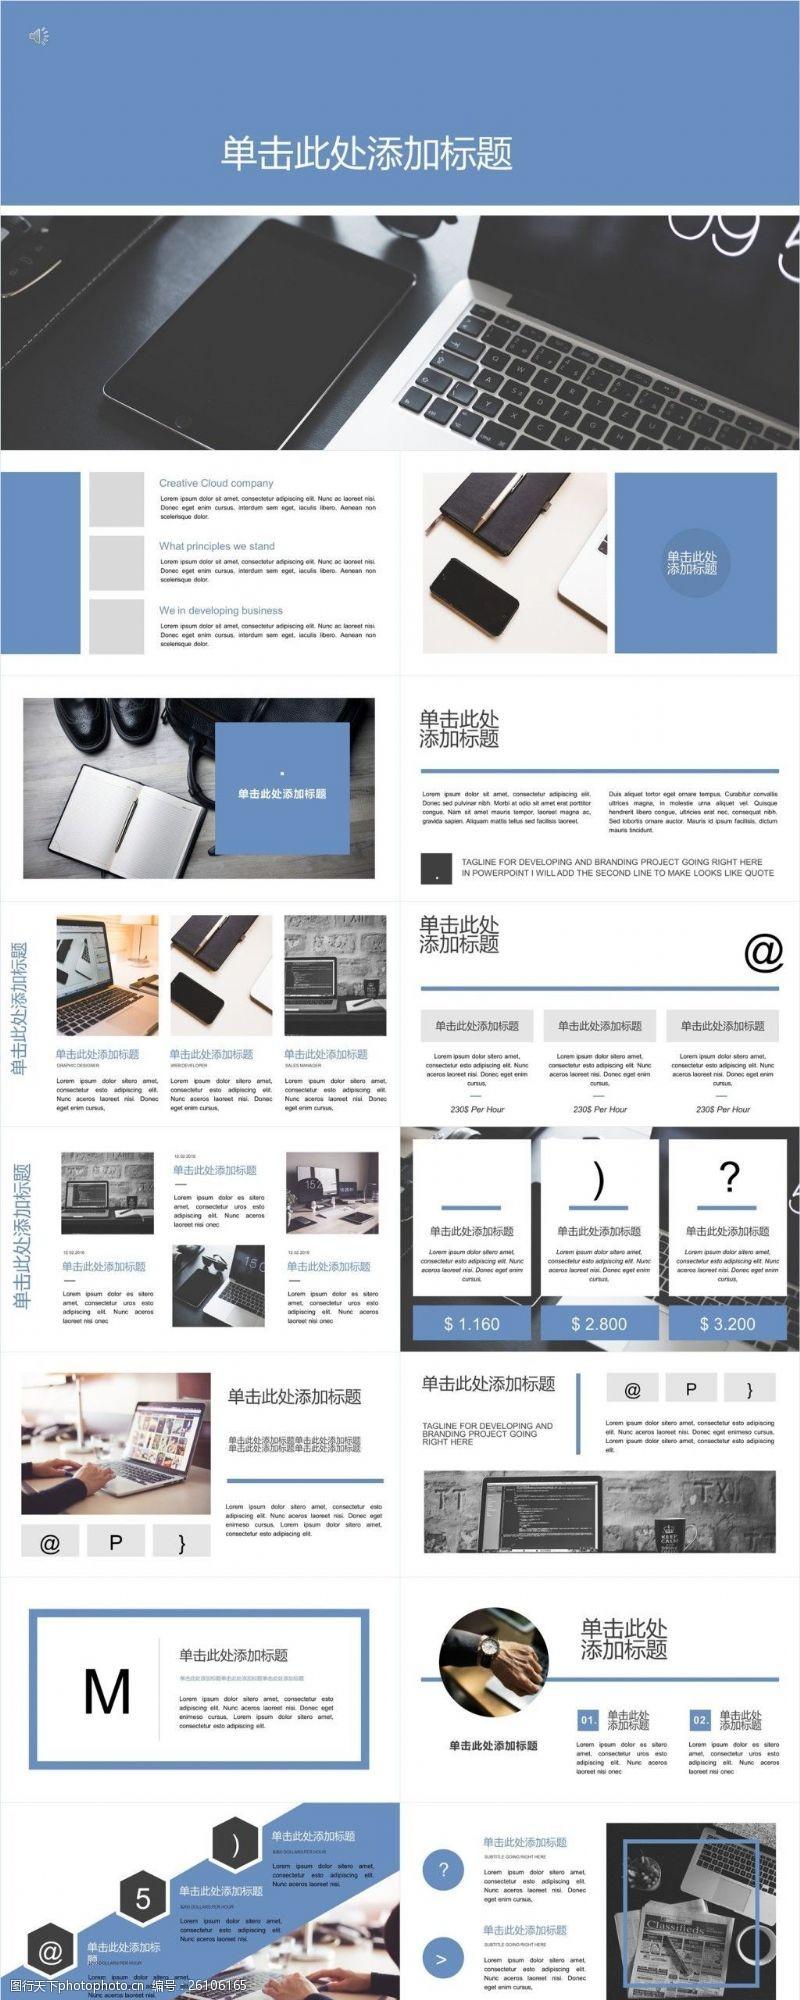 蓝色商务企业ppt模版设计